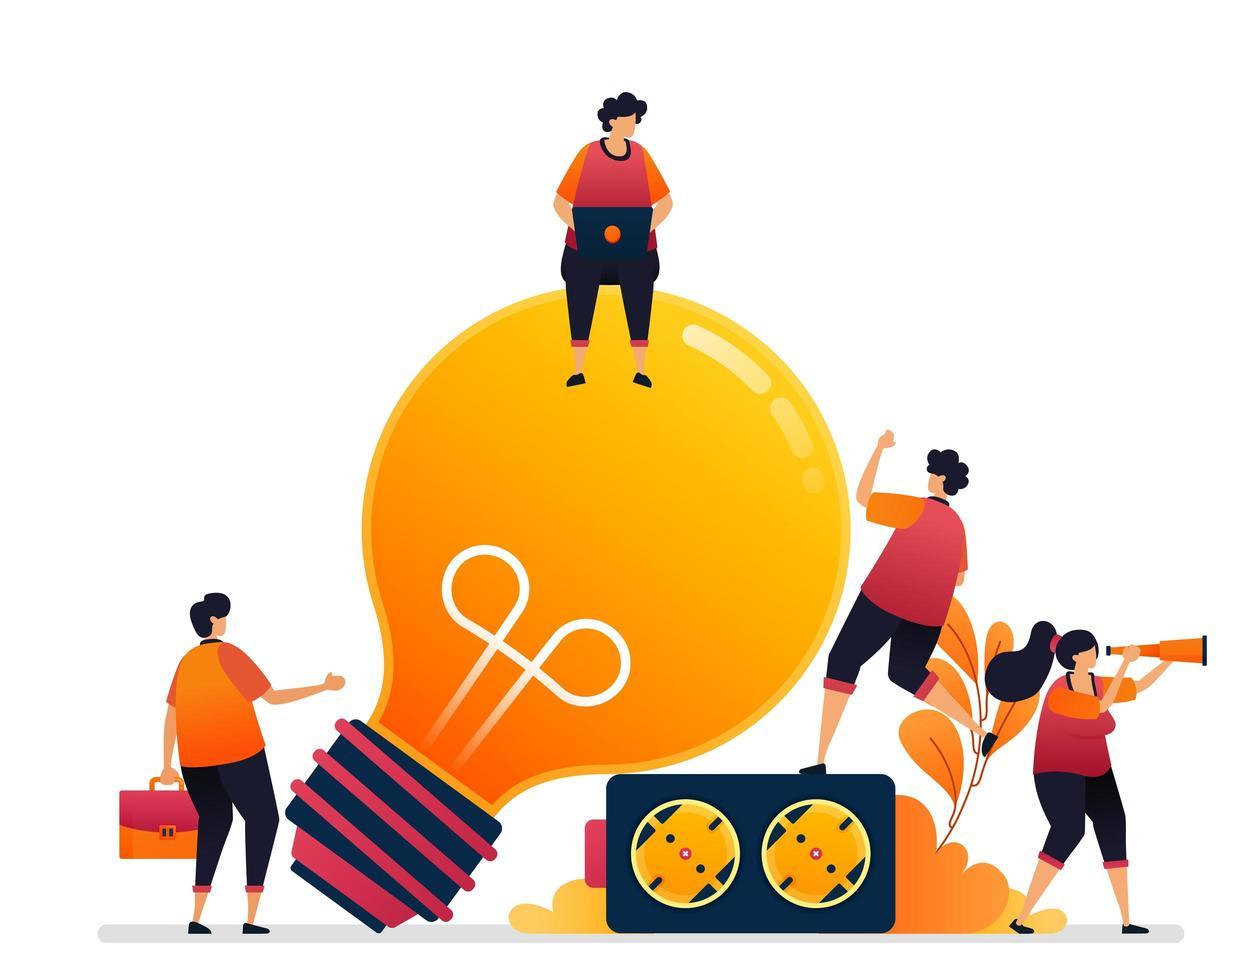 vectorillustratie van machtselektriciteit voor ideeën en inspiratie. gloeilamp symbool voor verlichting. grafisch ontwerp voor bestemmingspagina, web, website, mobiele apps, banner, sjabloon, poster, flyer vector